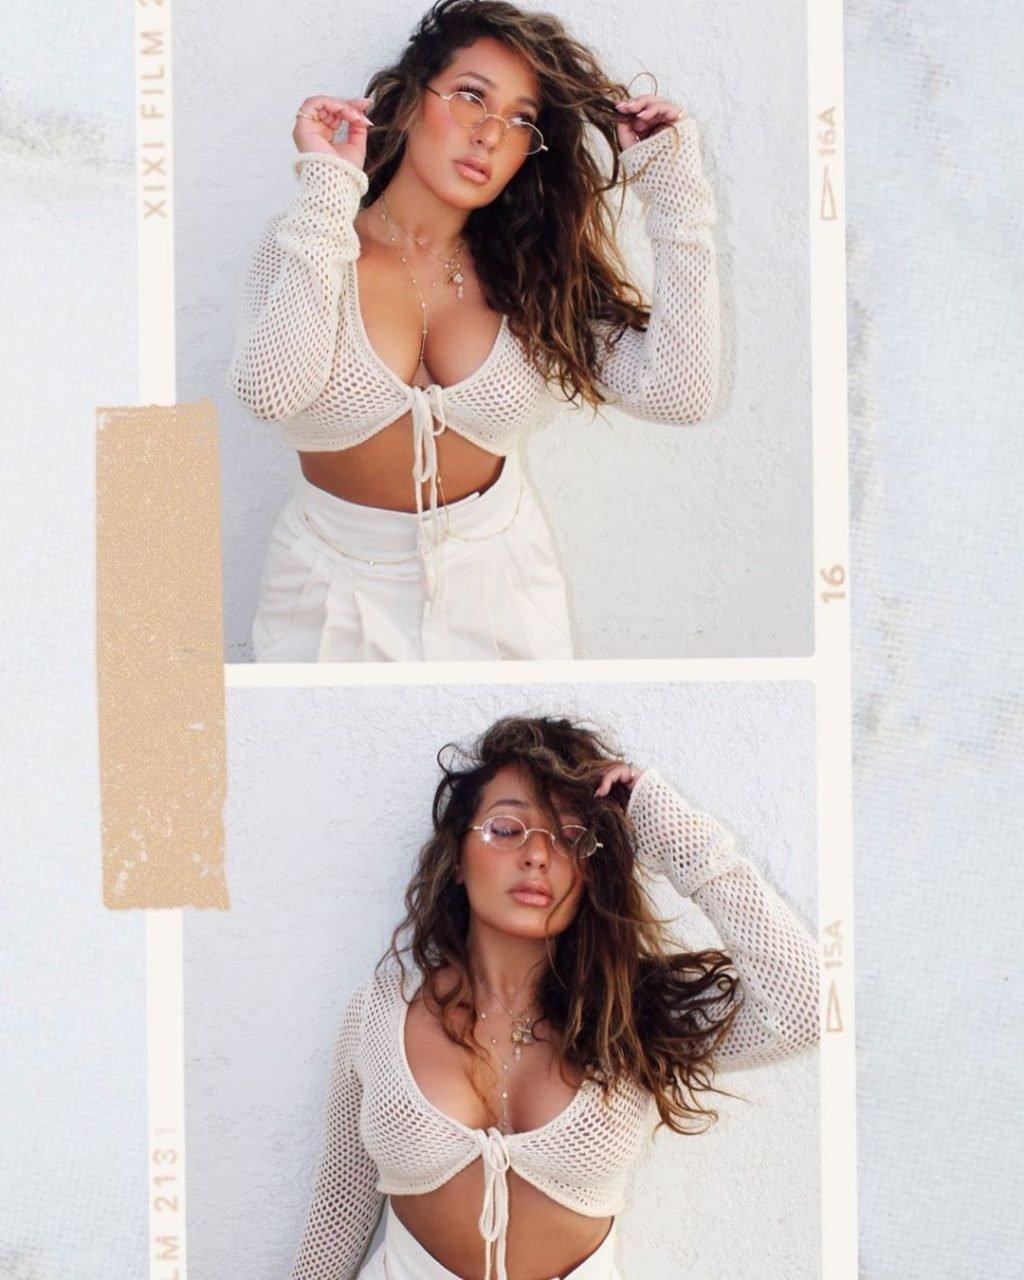 Adrienne Houghton Sexy (25 Photos)